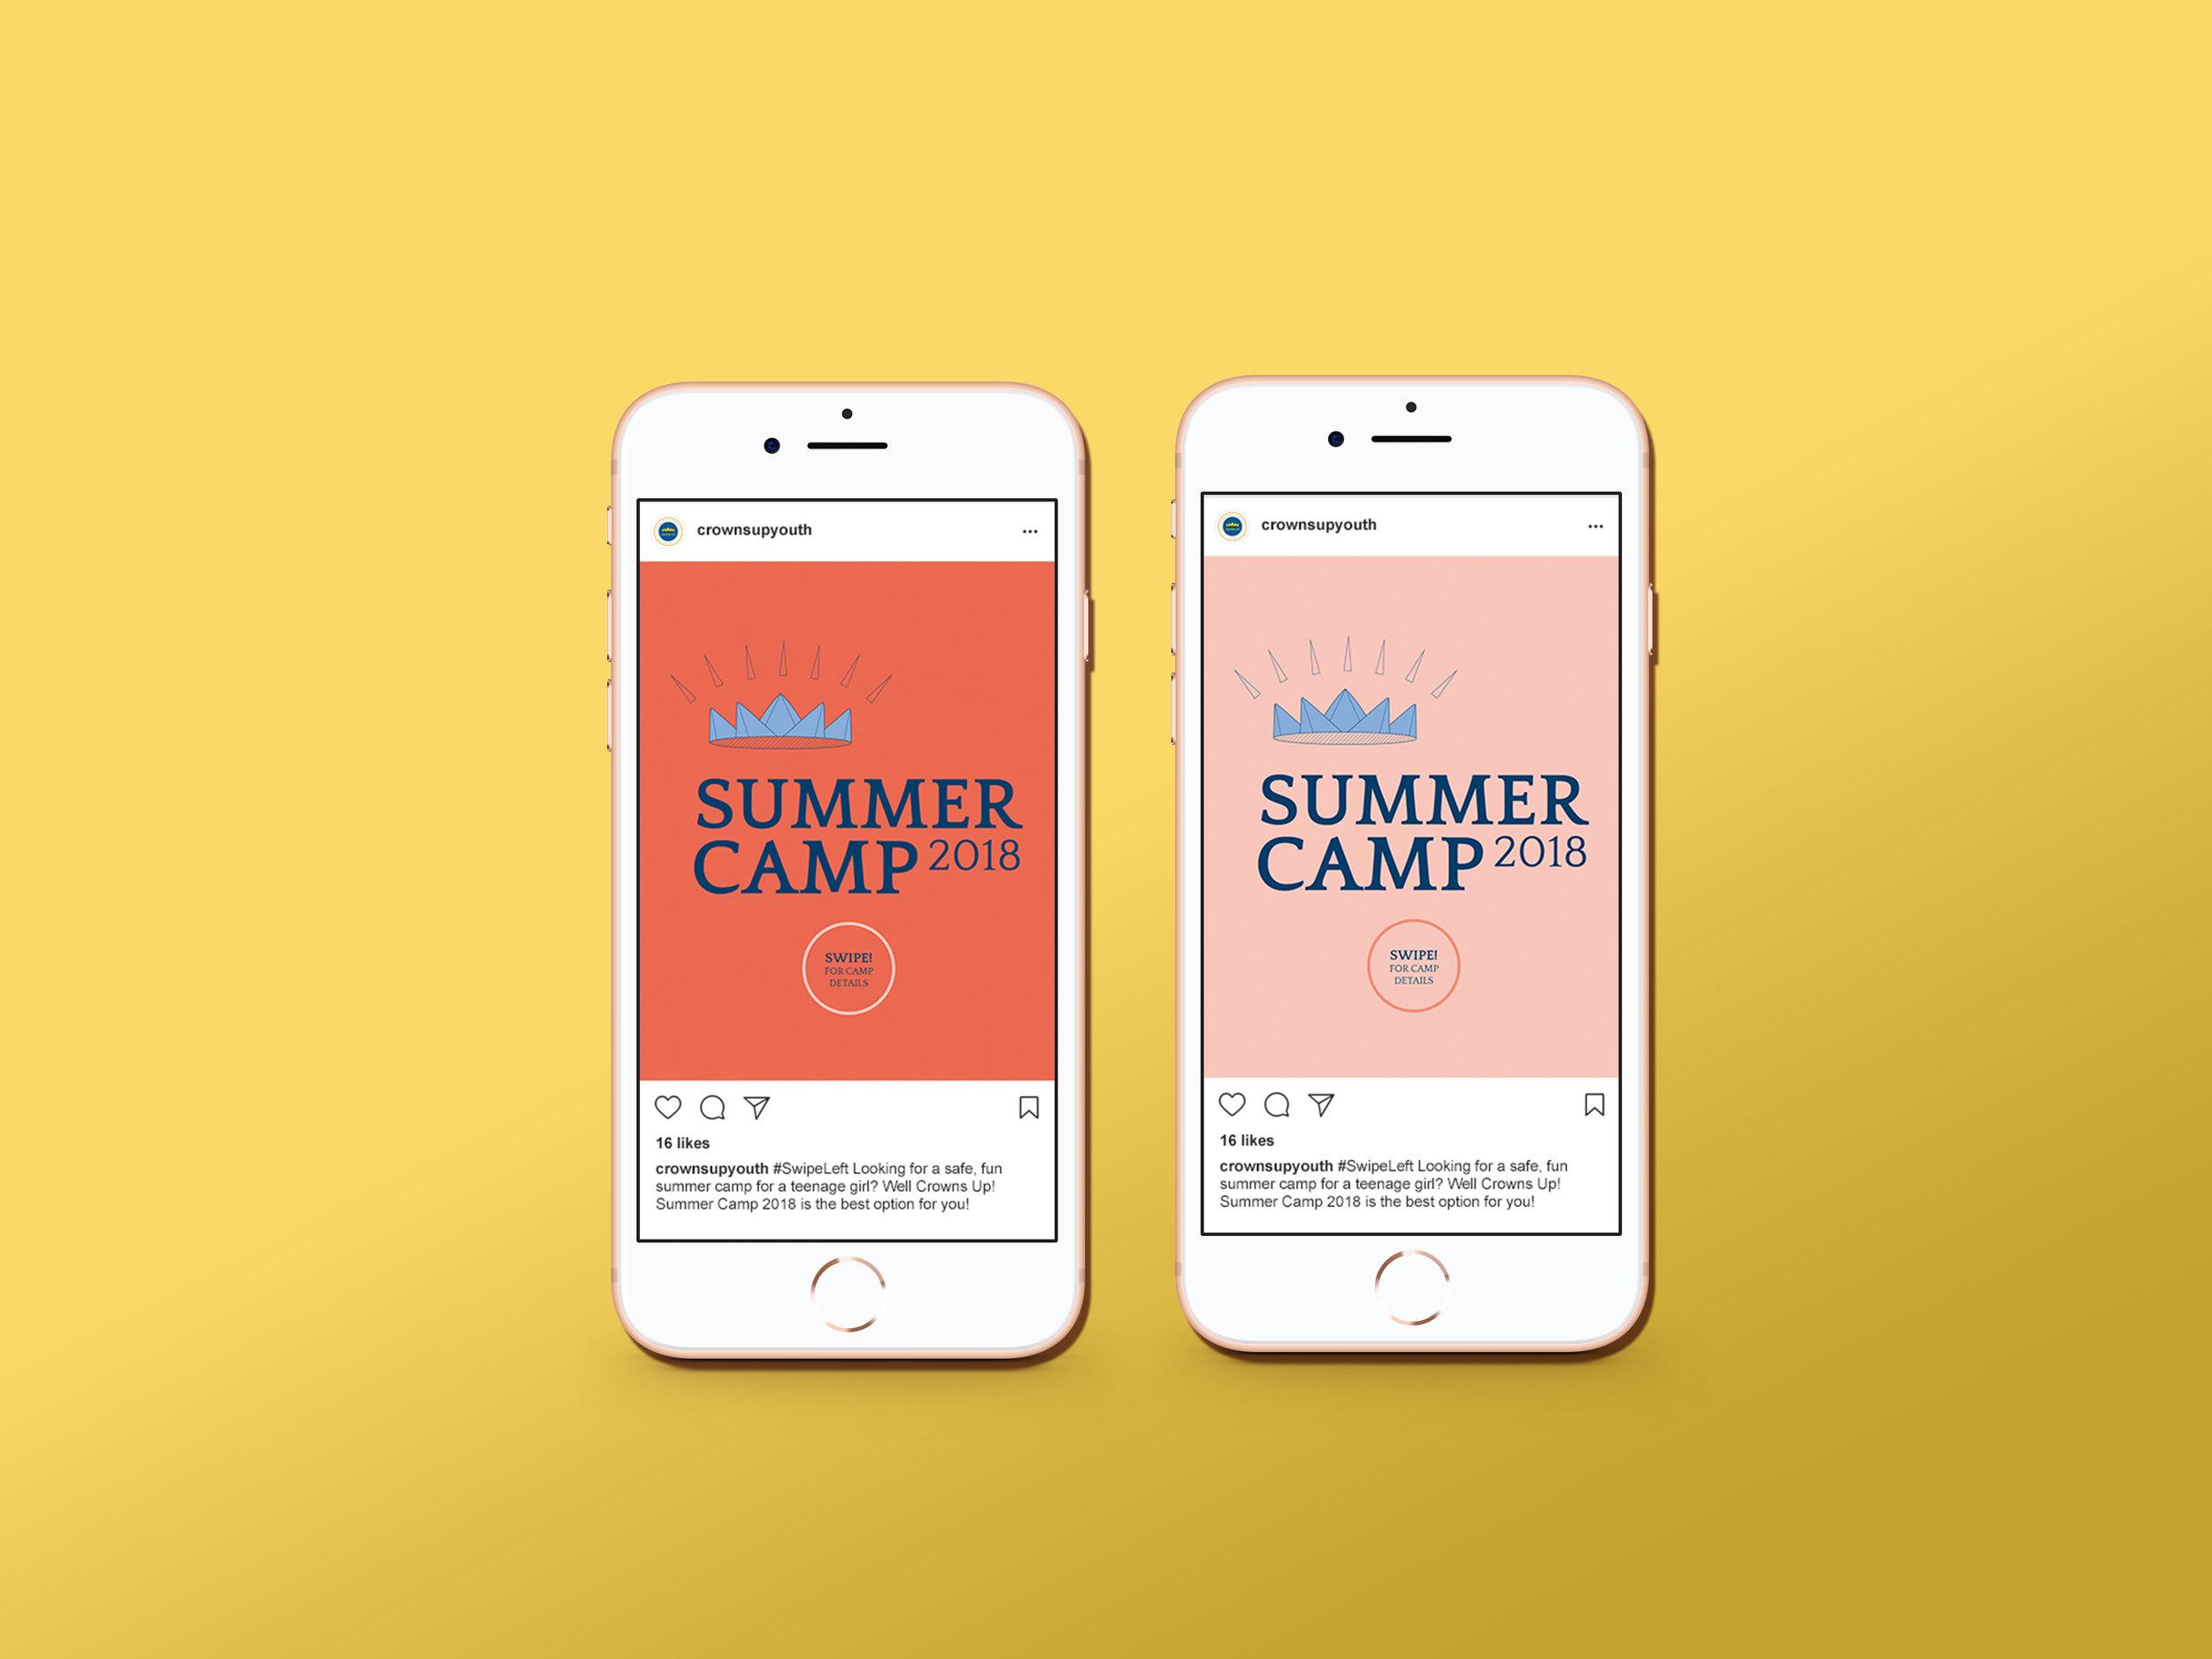 social media summer camp posts